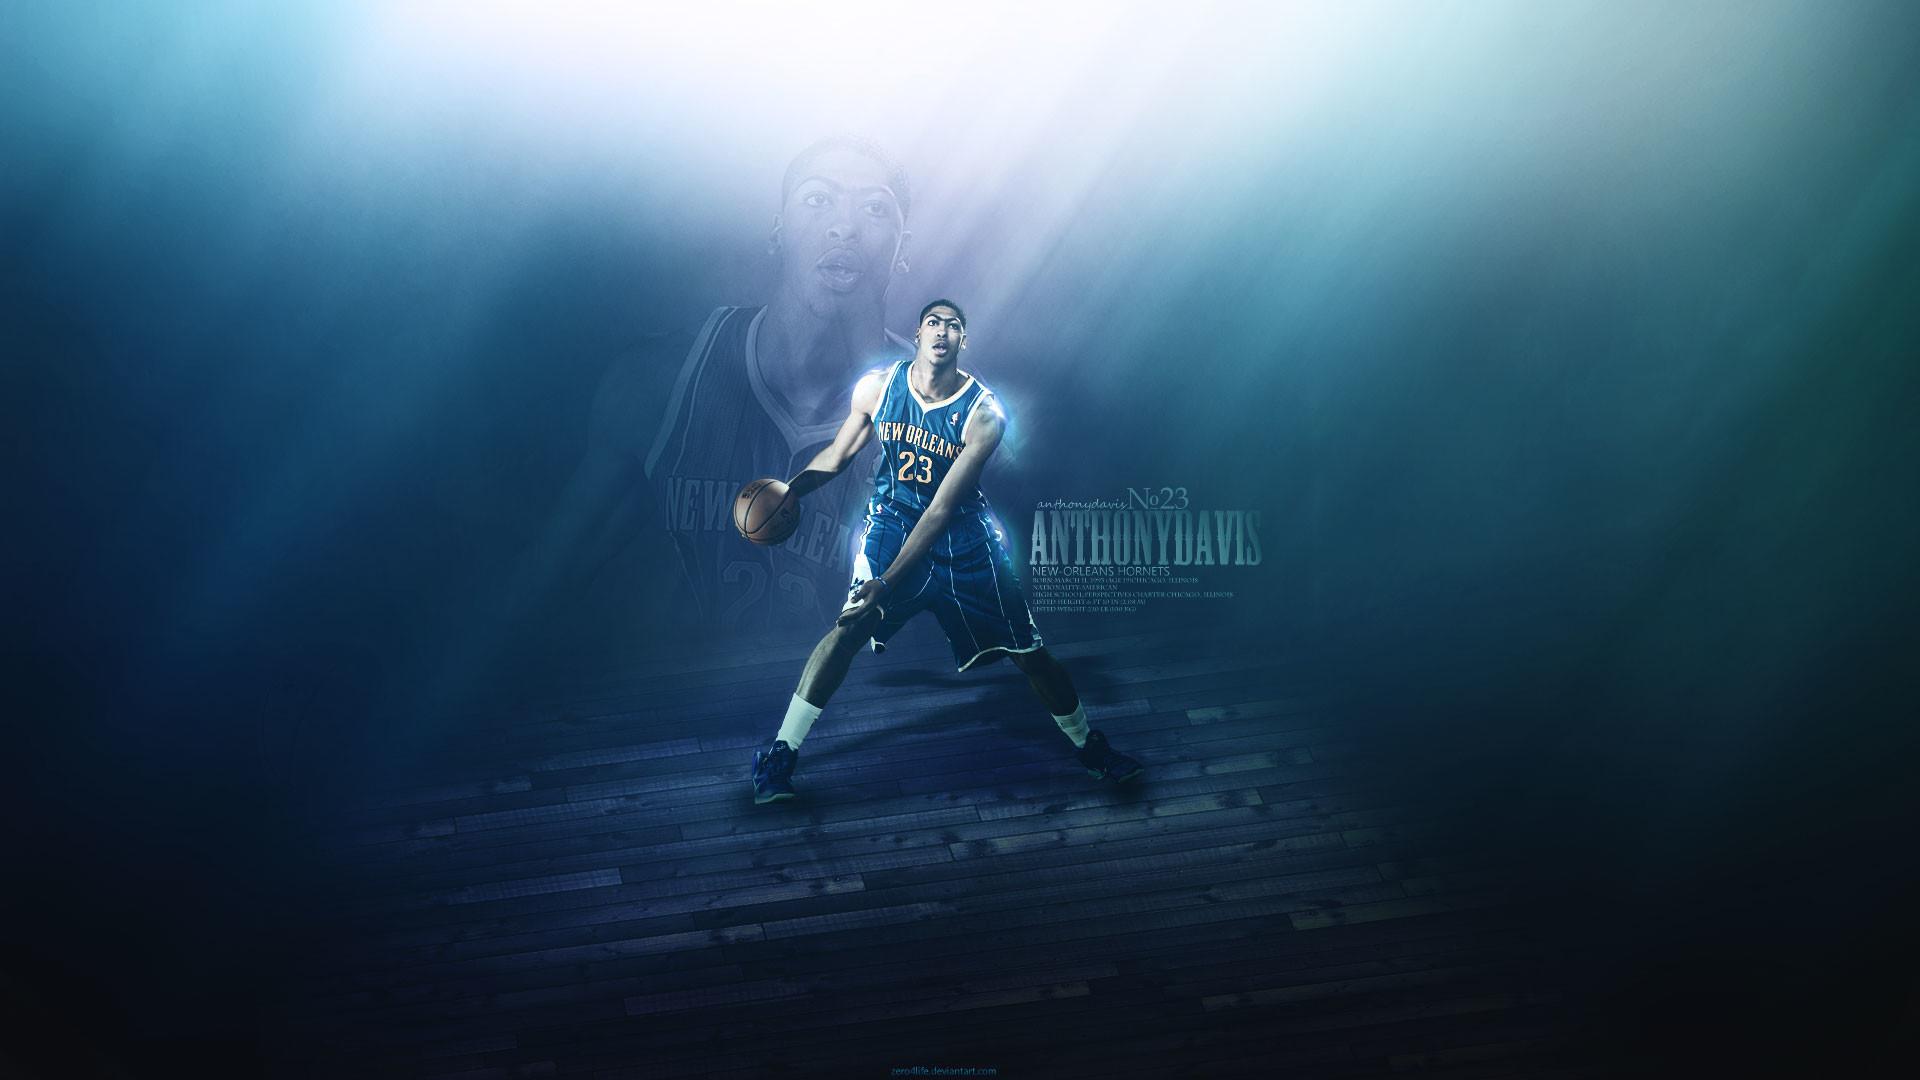 Anthony Davis Hornets 2012 Wallpaper